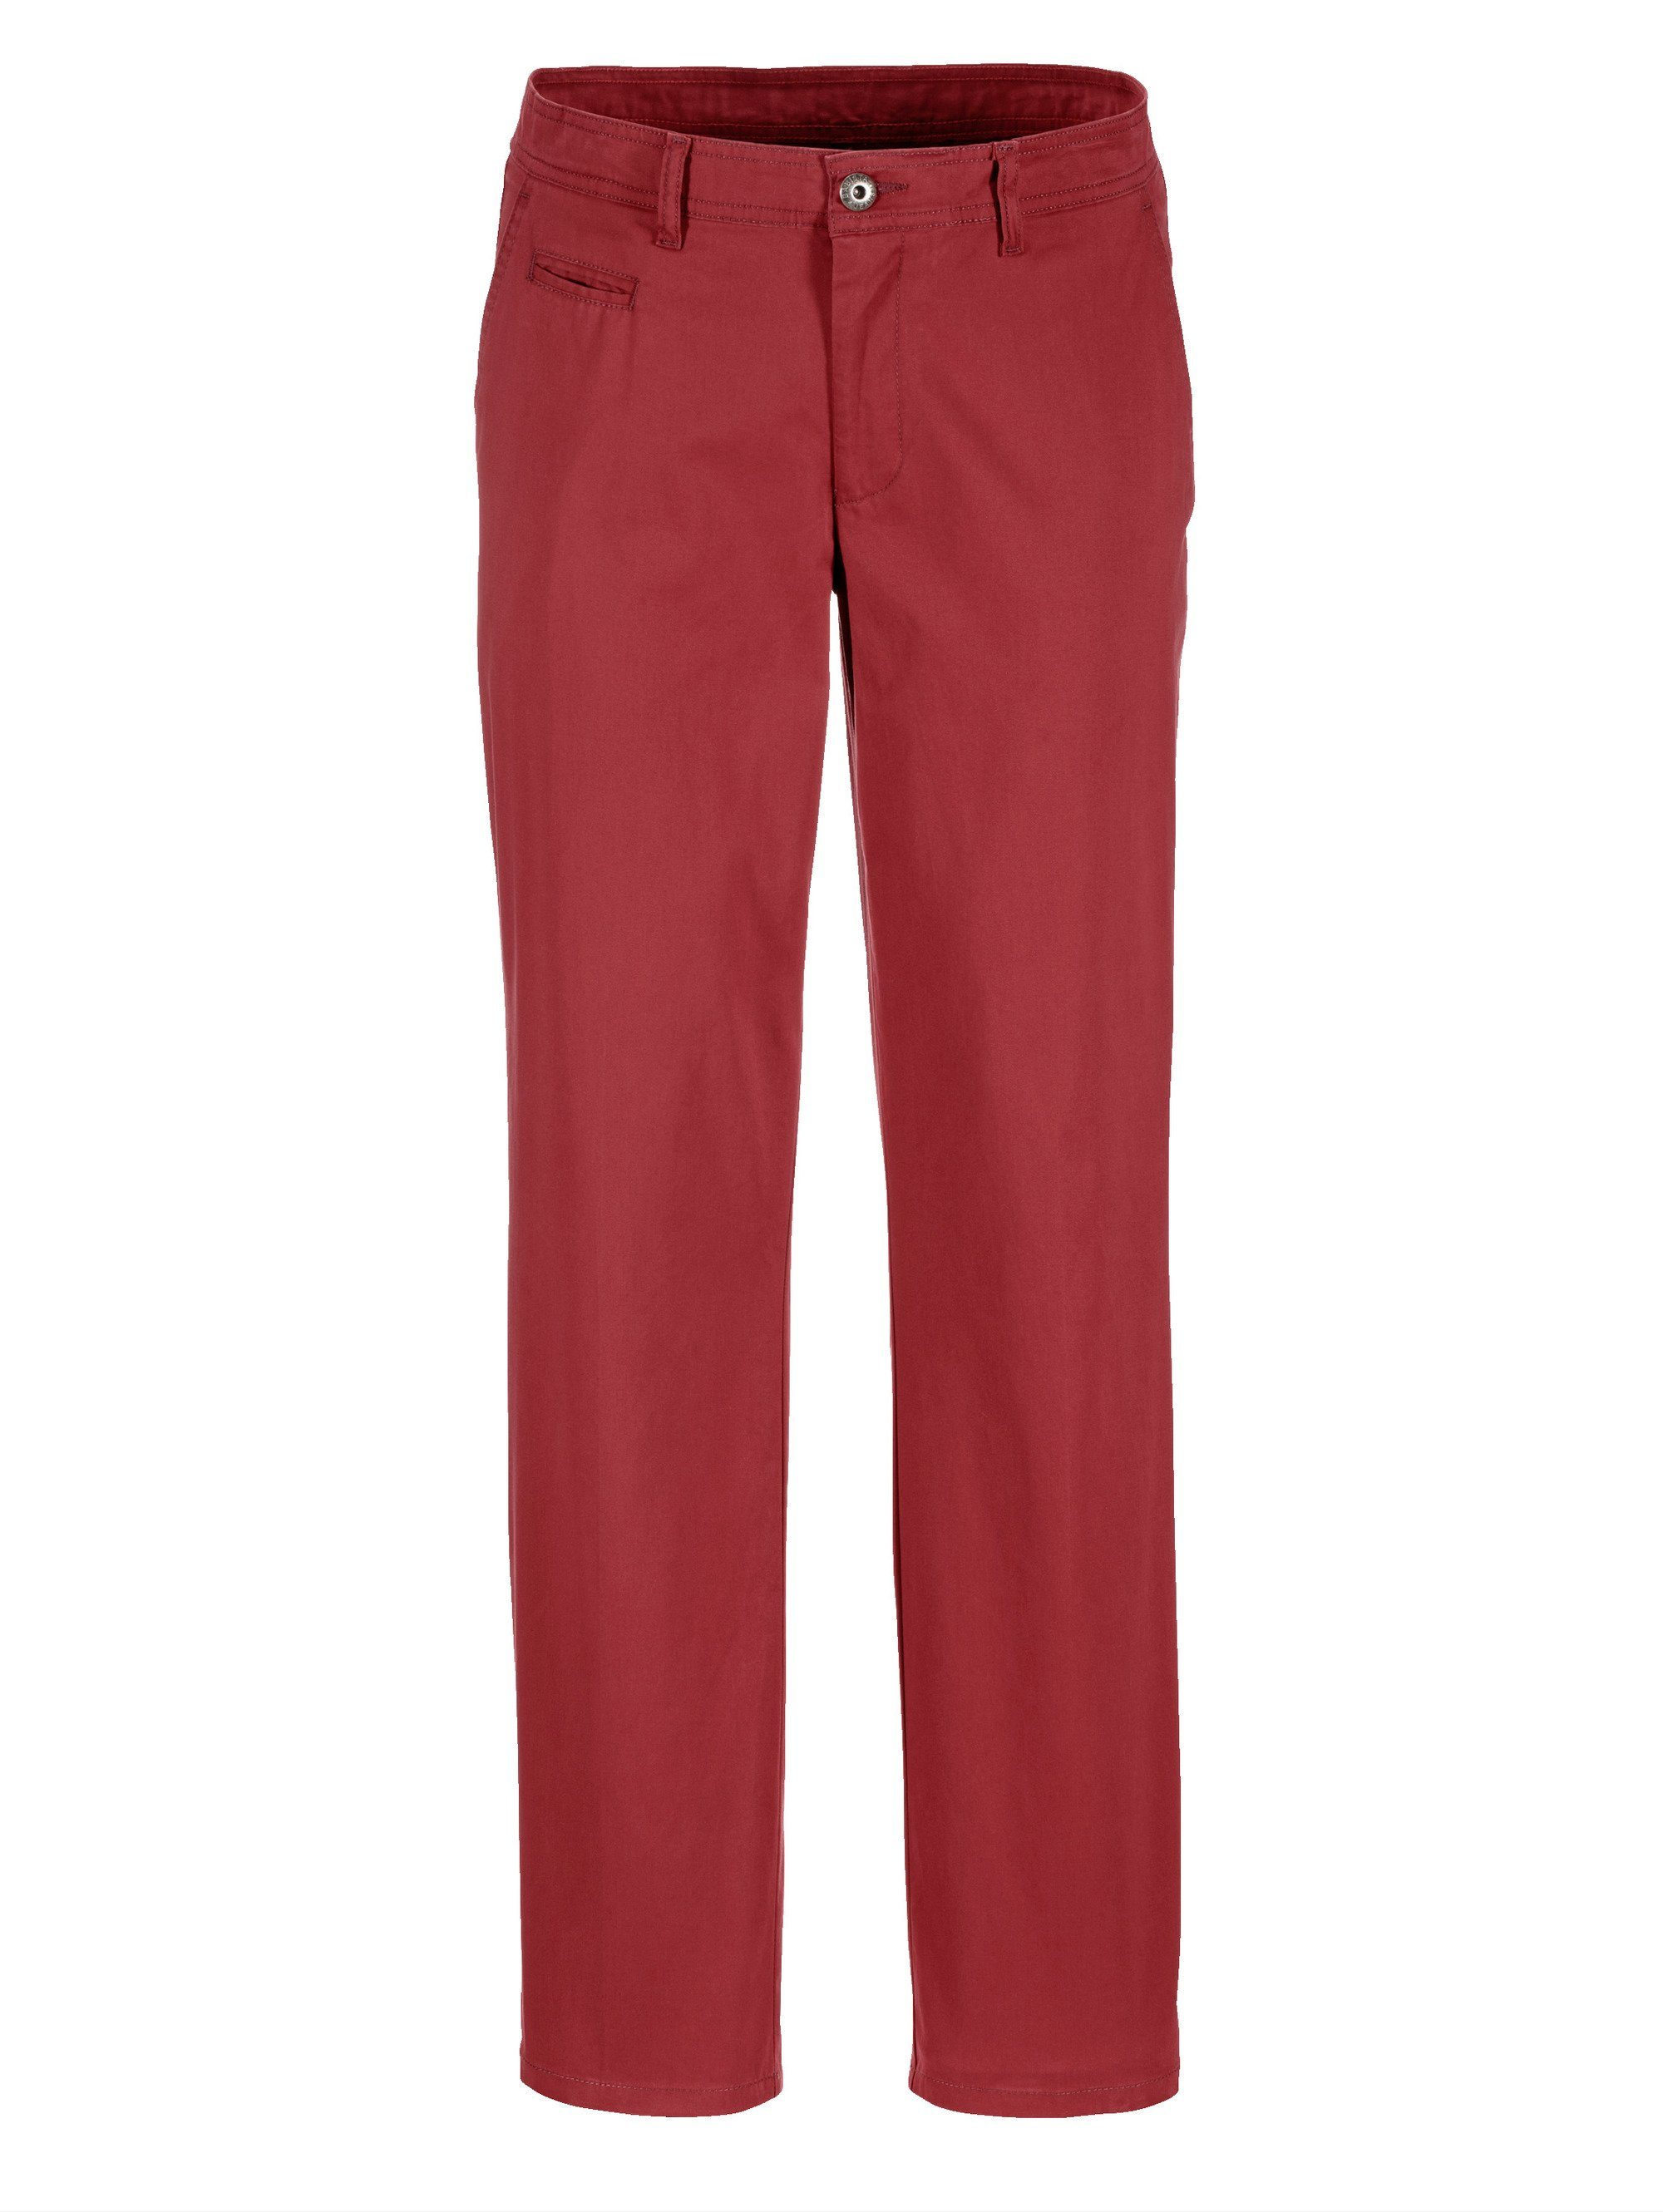 Babista Chino in typischer Chino-Form   Bekleidung > Hosen > Chinohosen   Rot   Baumwolle   BABISTA